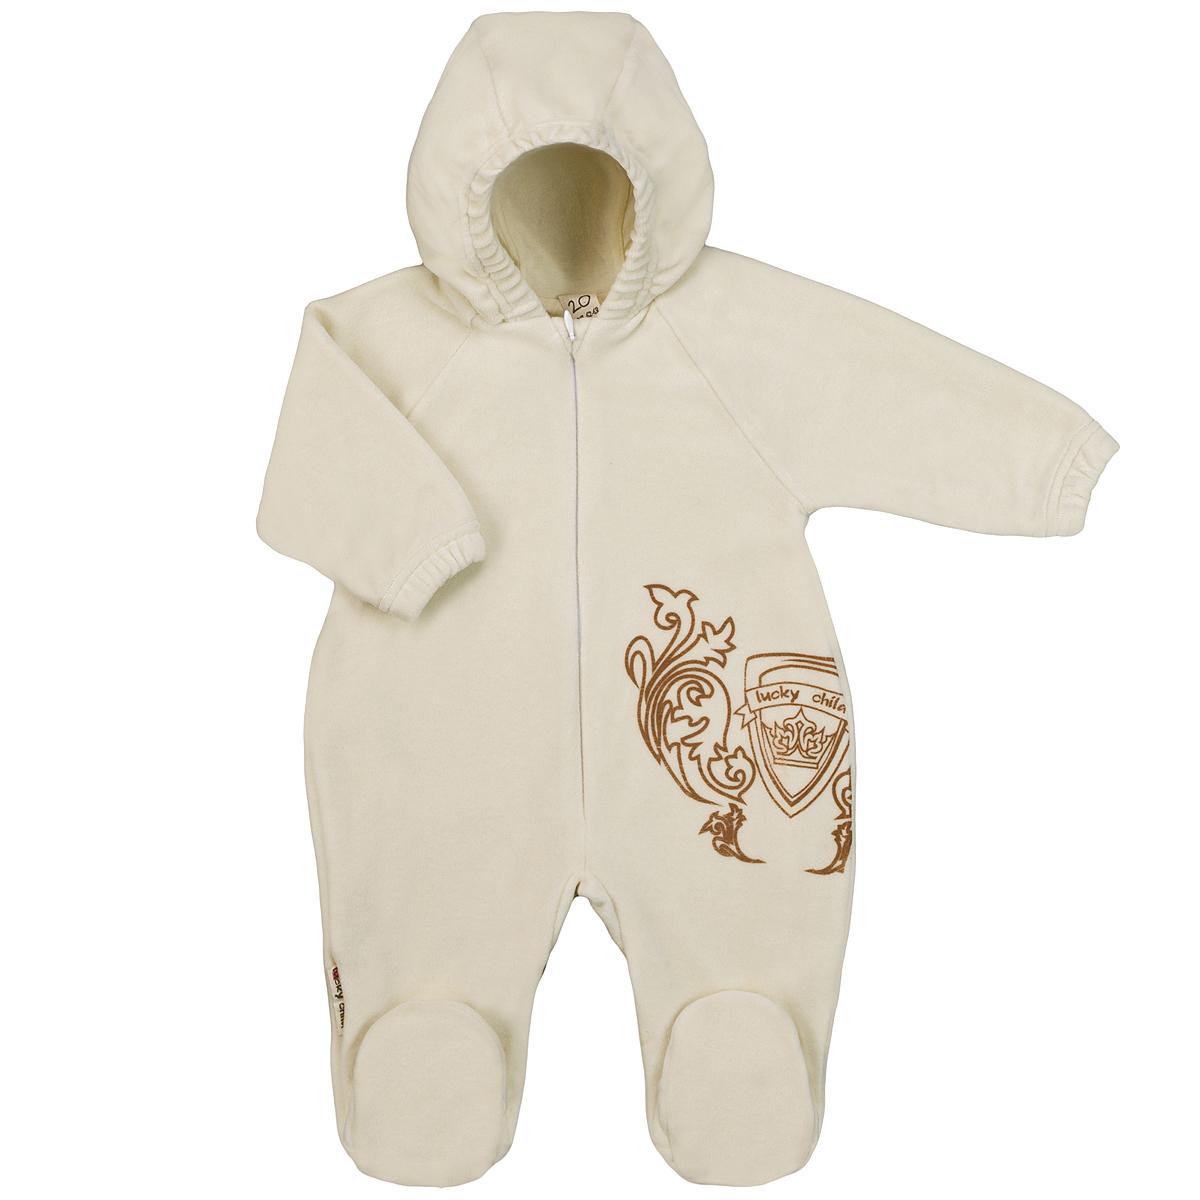 5-4Детский комбинезон с капюшоном Lucky Child - очень удобный и практичный вид одежды для малышей. Комбинезон выполнен из велюра на подкладке из натурального хлопка, благодаря чему он необычайно мягкий и приятный на ощупь, не раздражают нежную кожу ребенка и хорошо вентилируются, а эластичные швы приятны телу малышки и не препятствуют ее движениям. Комбинезон с длинными рукавами-реглан и закрытыми ножками по центру имеет потайную застежку-молнию, которая помогает легко переодеть младенца или сменить подгузник. Спереди он оформлен оригинальным принтом в виде логотипа бренда. Рукава понизу дополнены неширокими эластичными манжетами, которые мягко обхватывают запястья. С детским комбинезоном Lucky Child спинка и ножки вашего малыша всегда будут в тепле. Комбинезон полностью соответствует особенностям жизни младенца в ранний период, не стесняя и не ограничивая его в движениях!